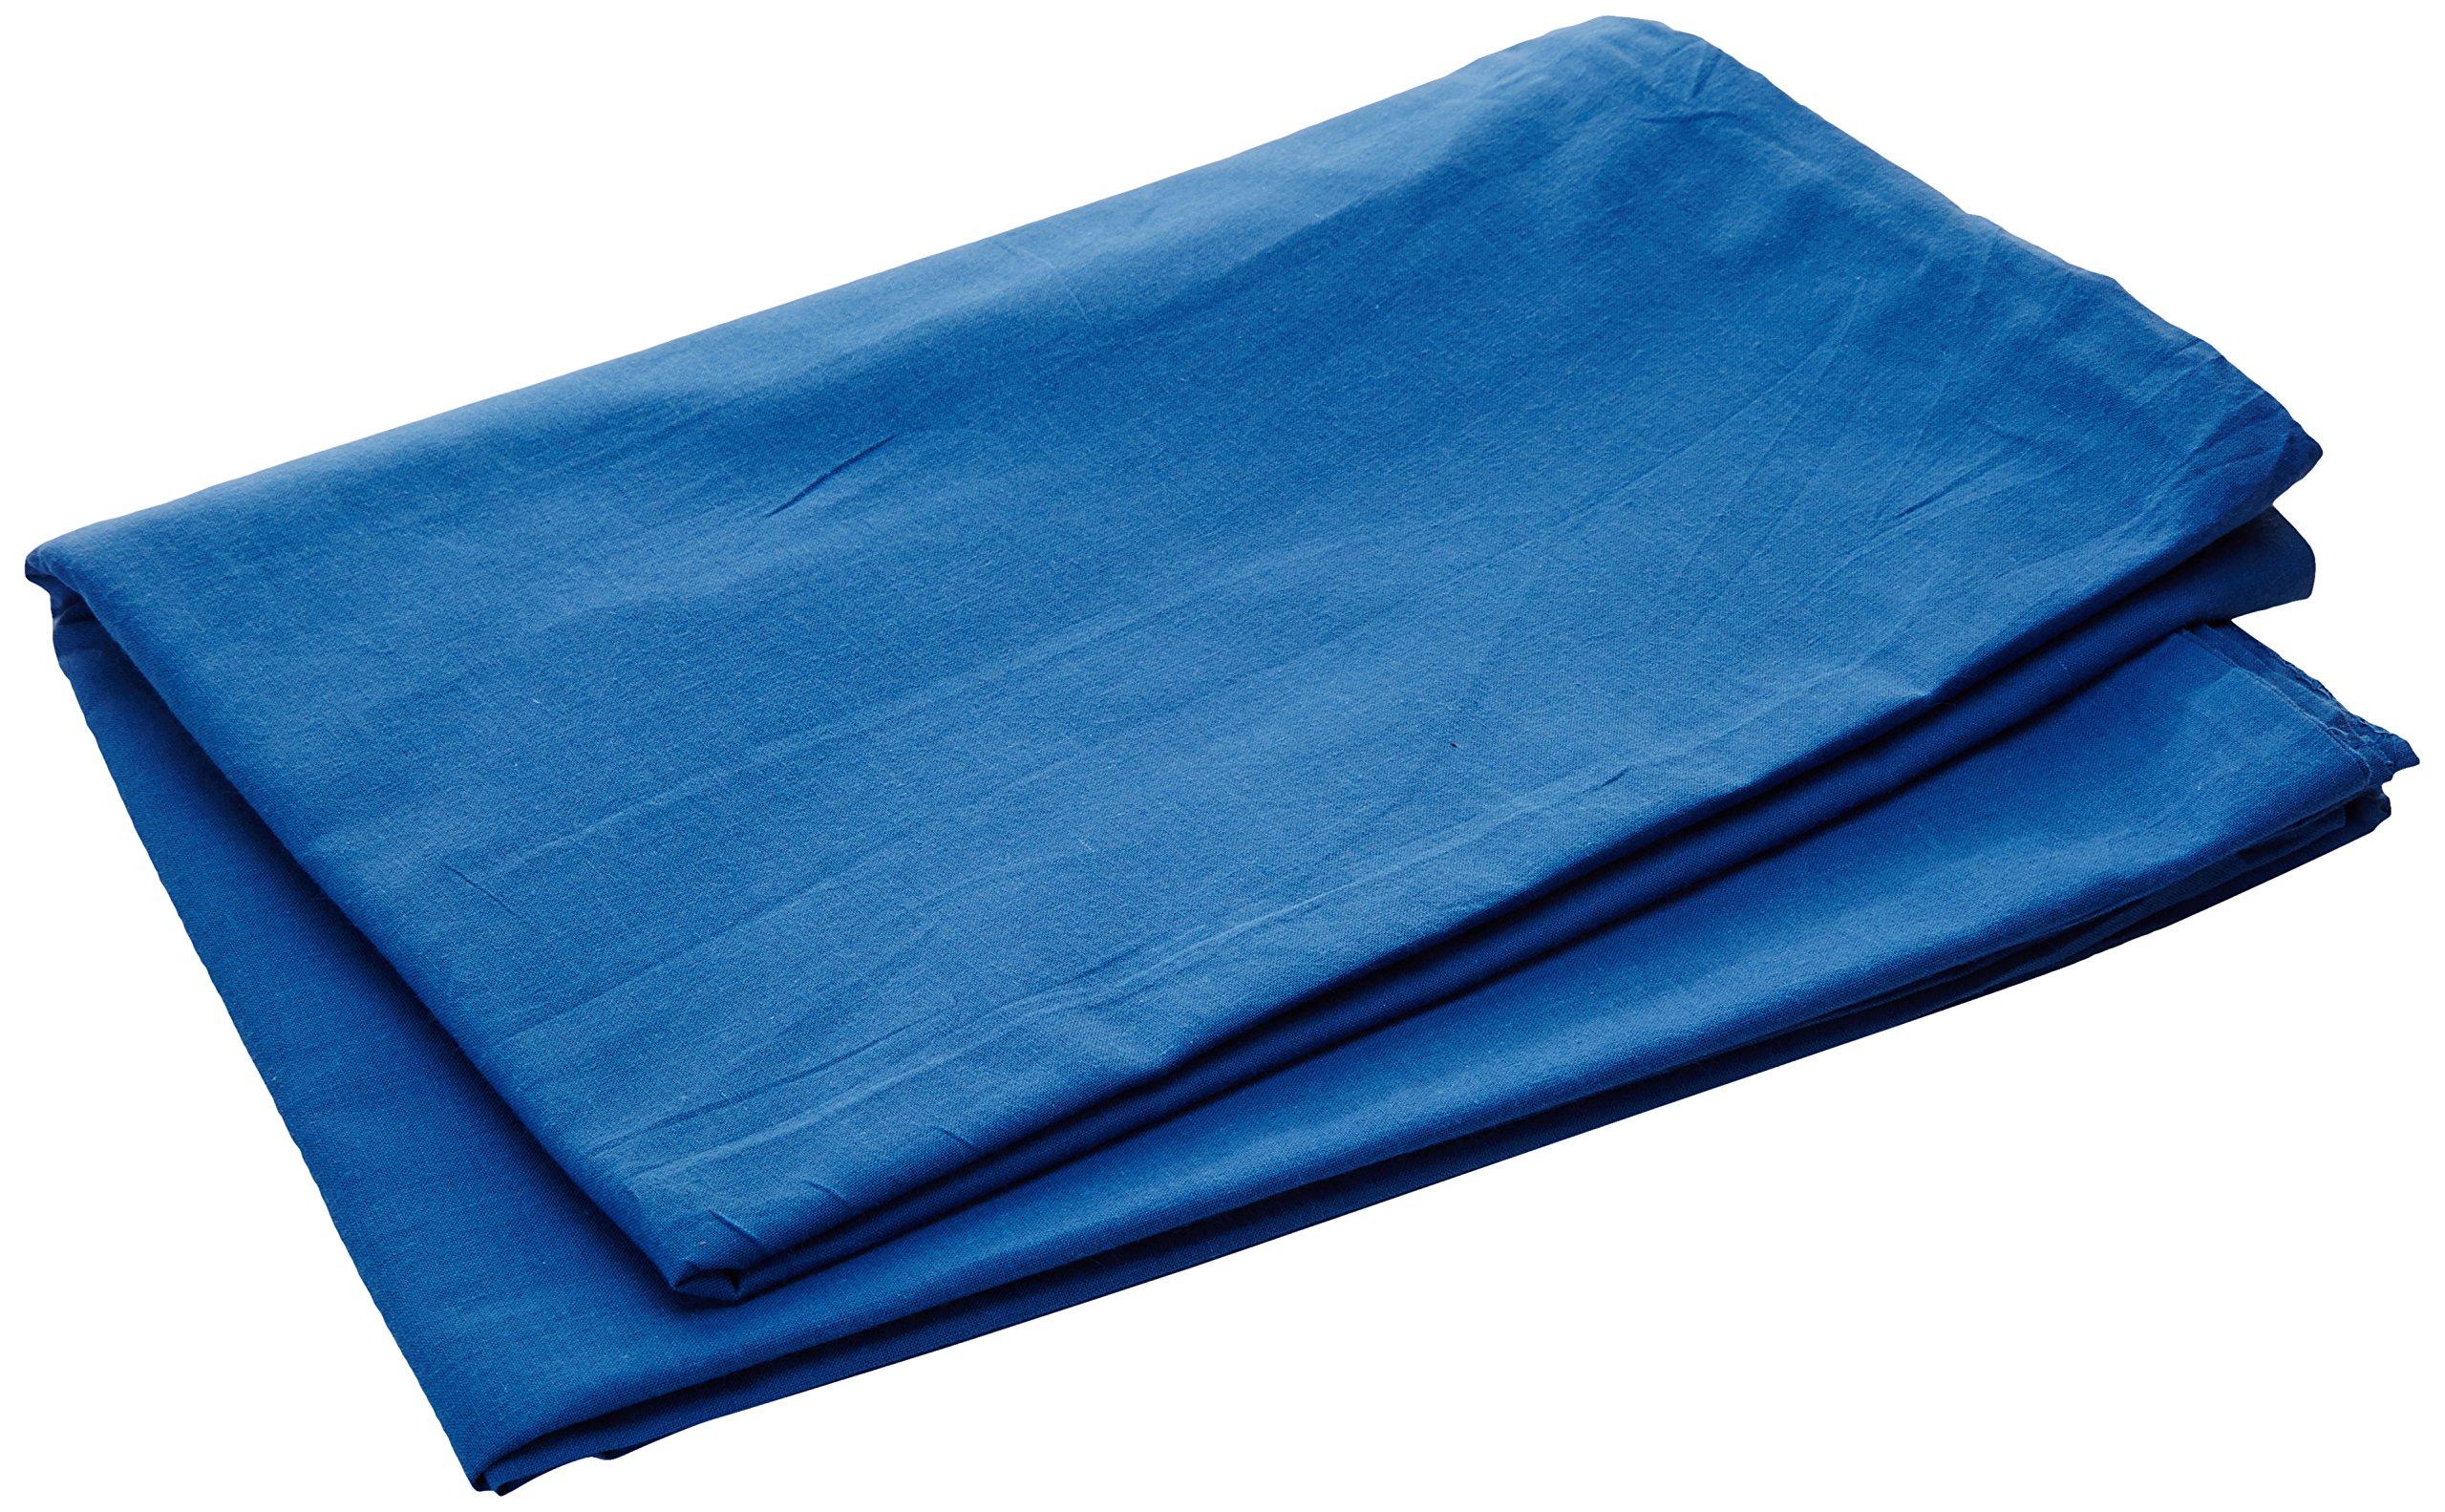 VANGO SQUARE SLEEPING BAG LINER (ATLANTIC) by Vango (Image #2)